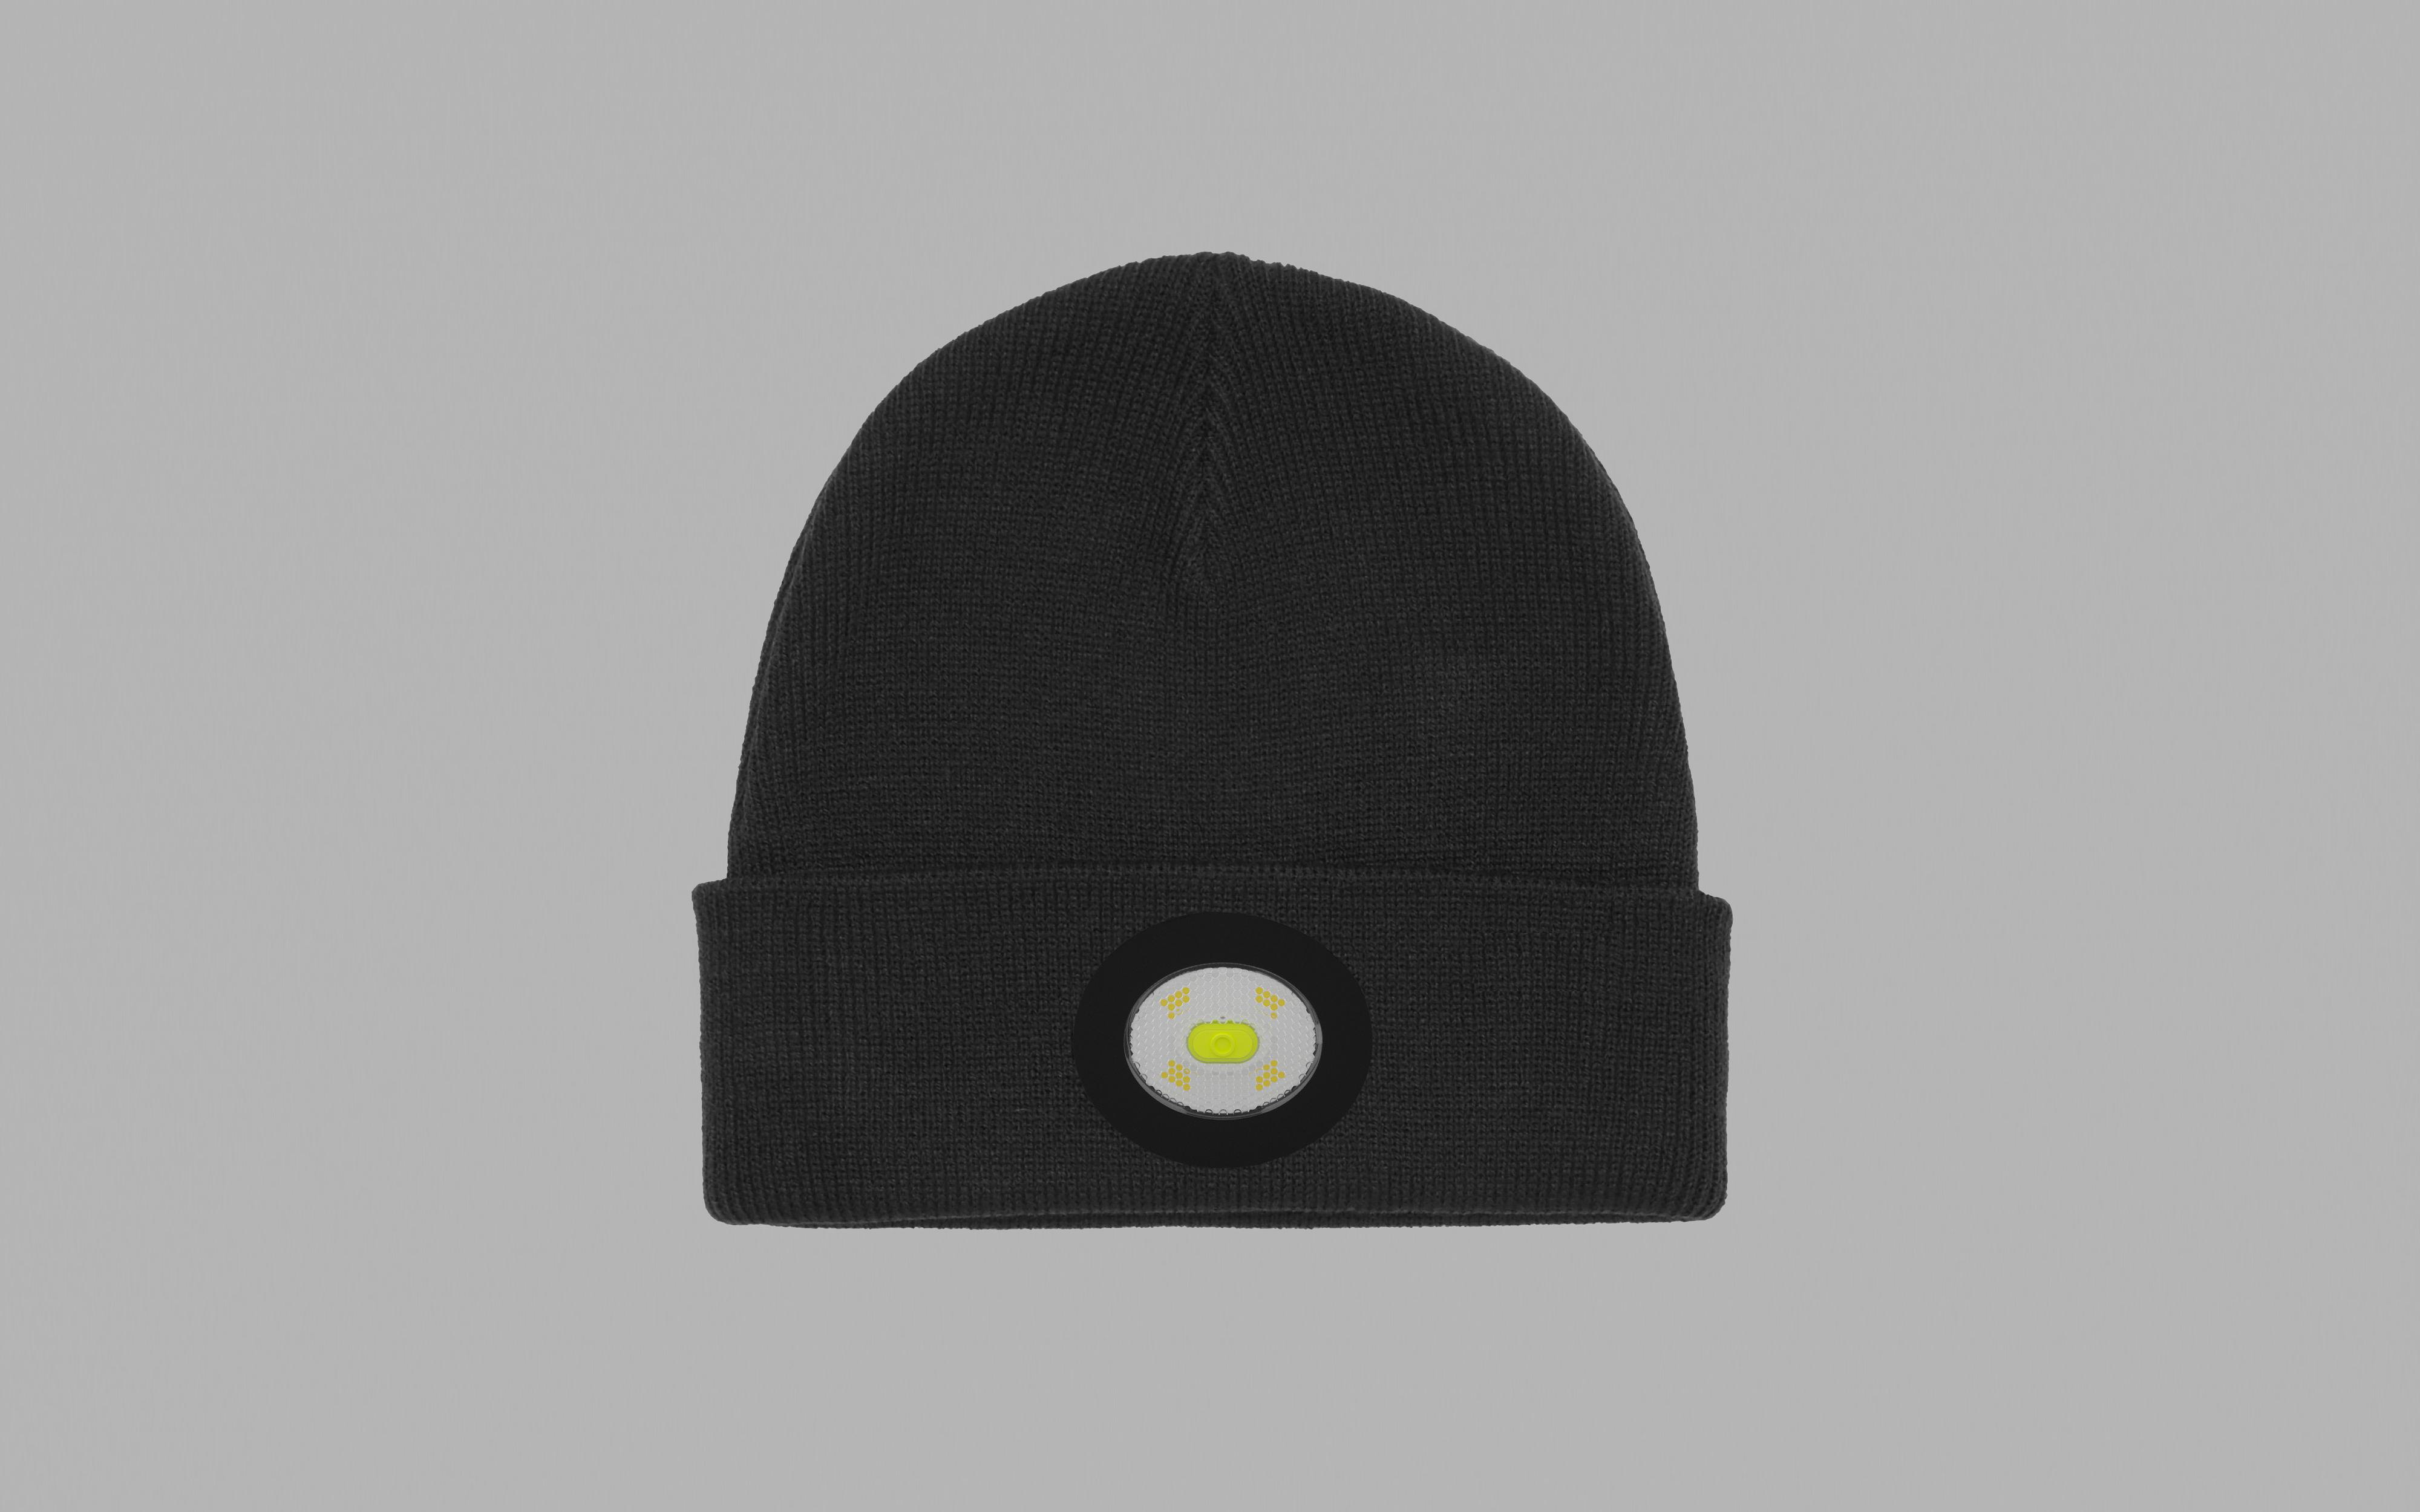 Unilite BE-02+ USB LED Beanie Hat » Cobrook caa14254bba3